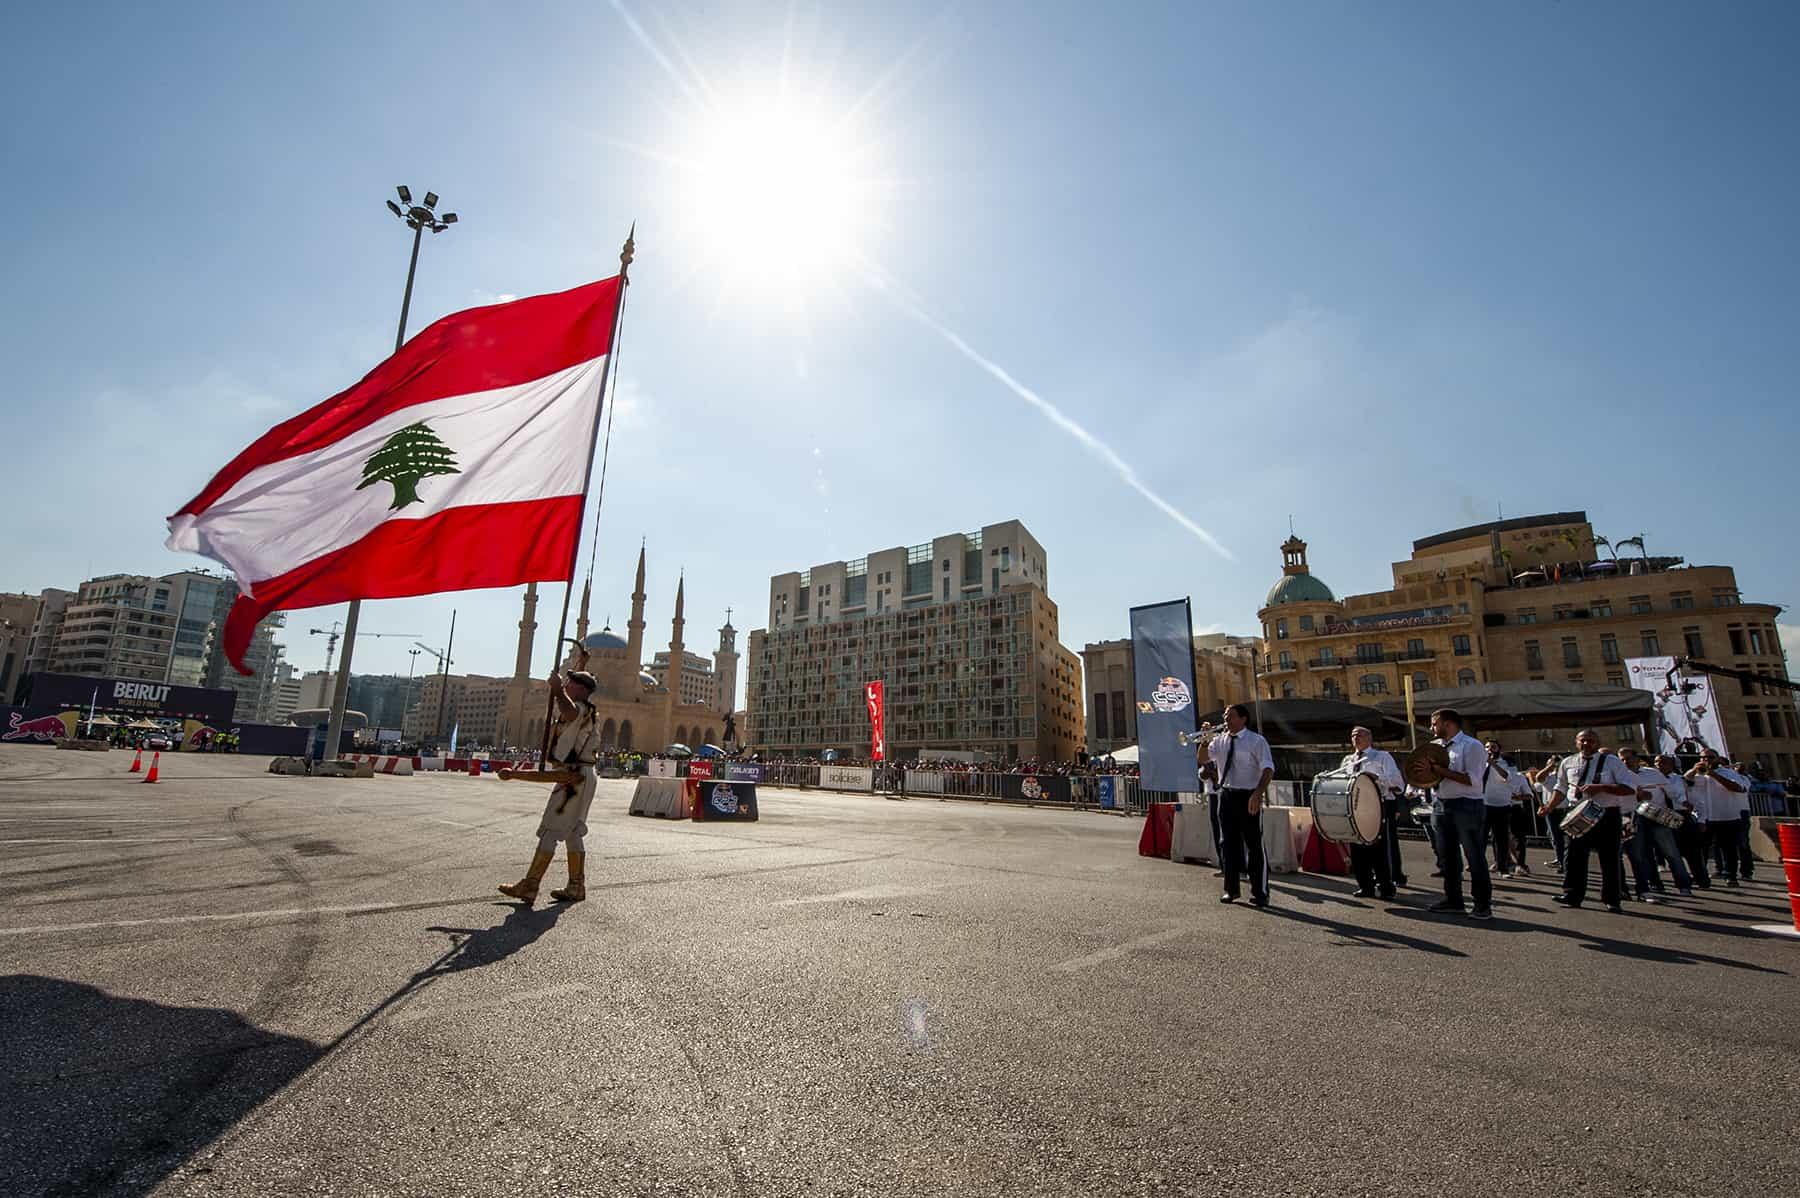 Red Bull Car Park Drift Regional Final weekend in Beirut